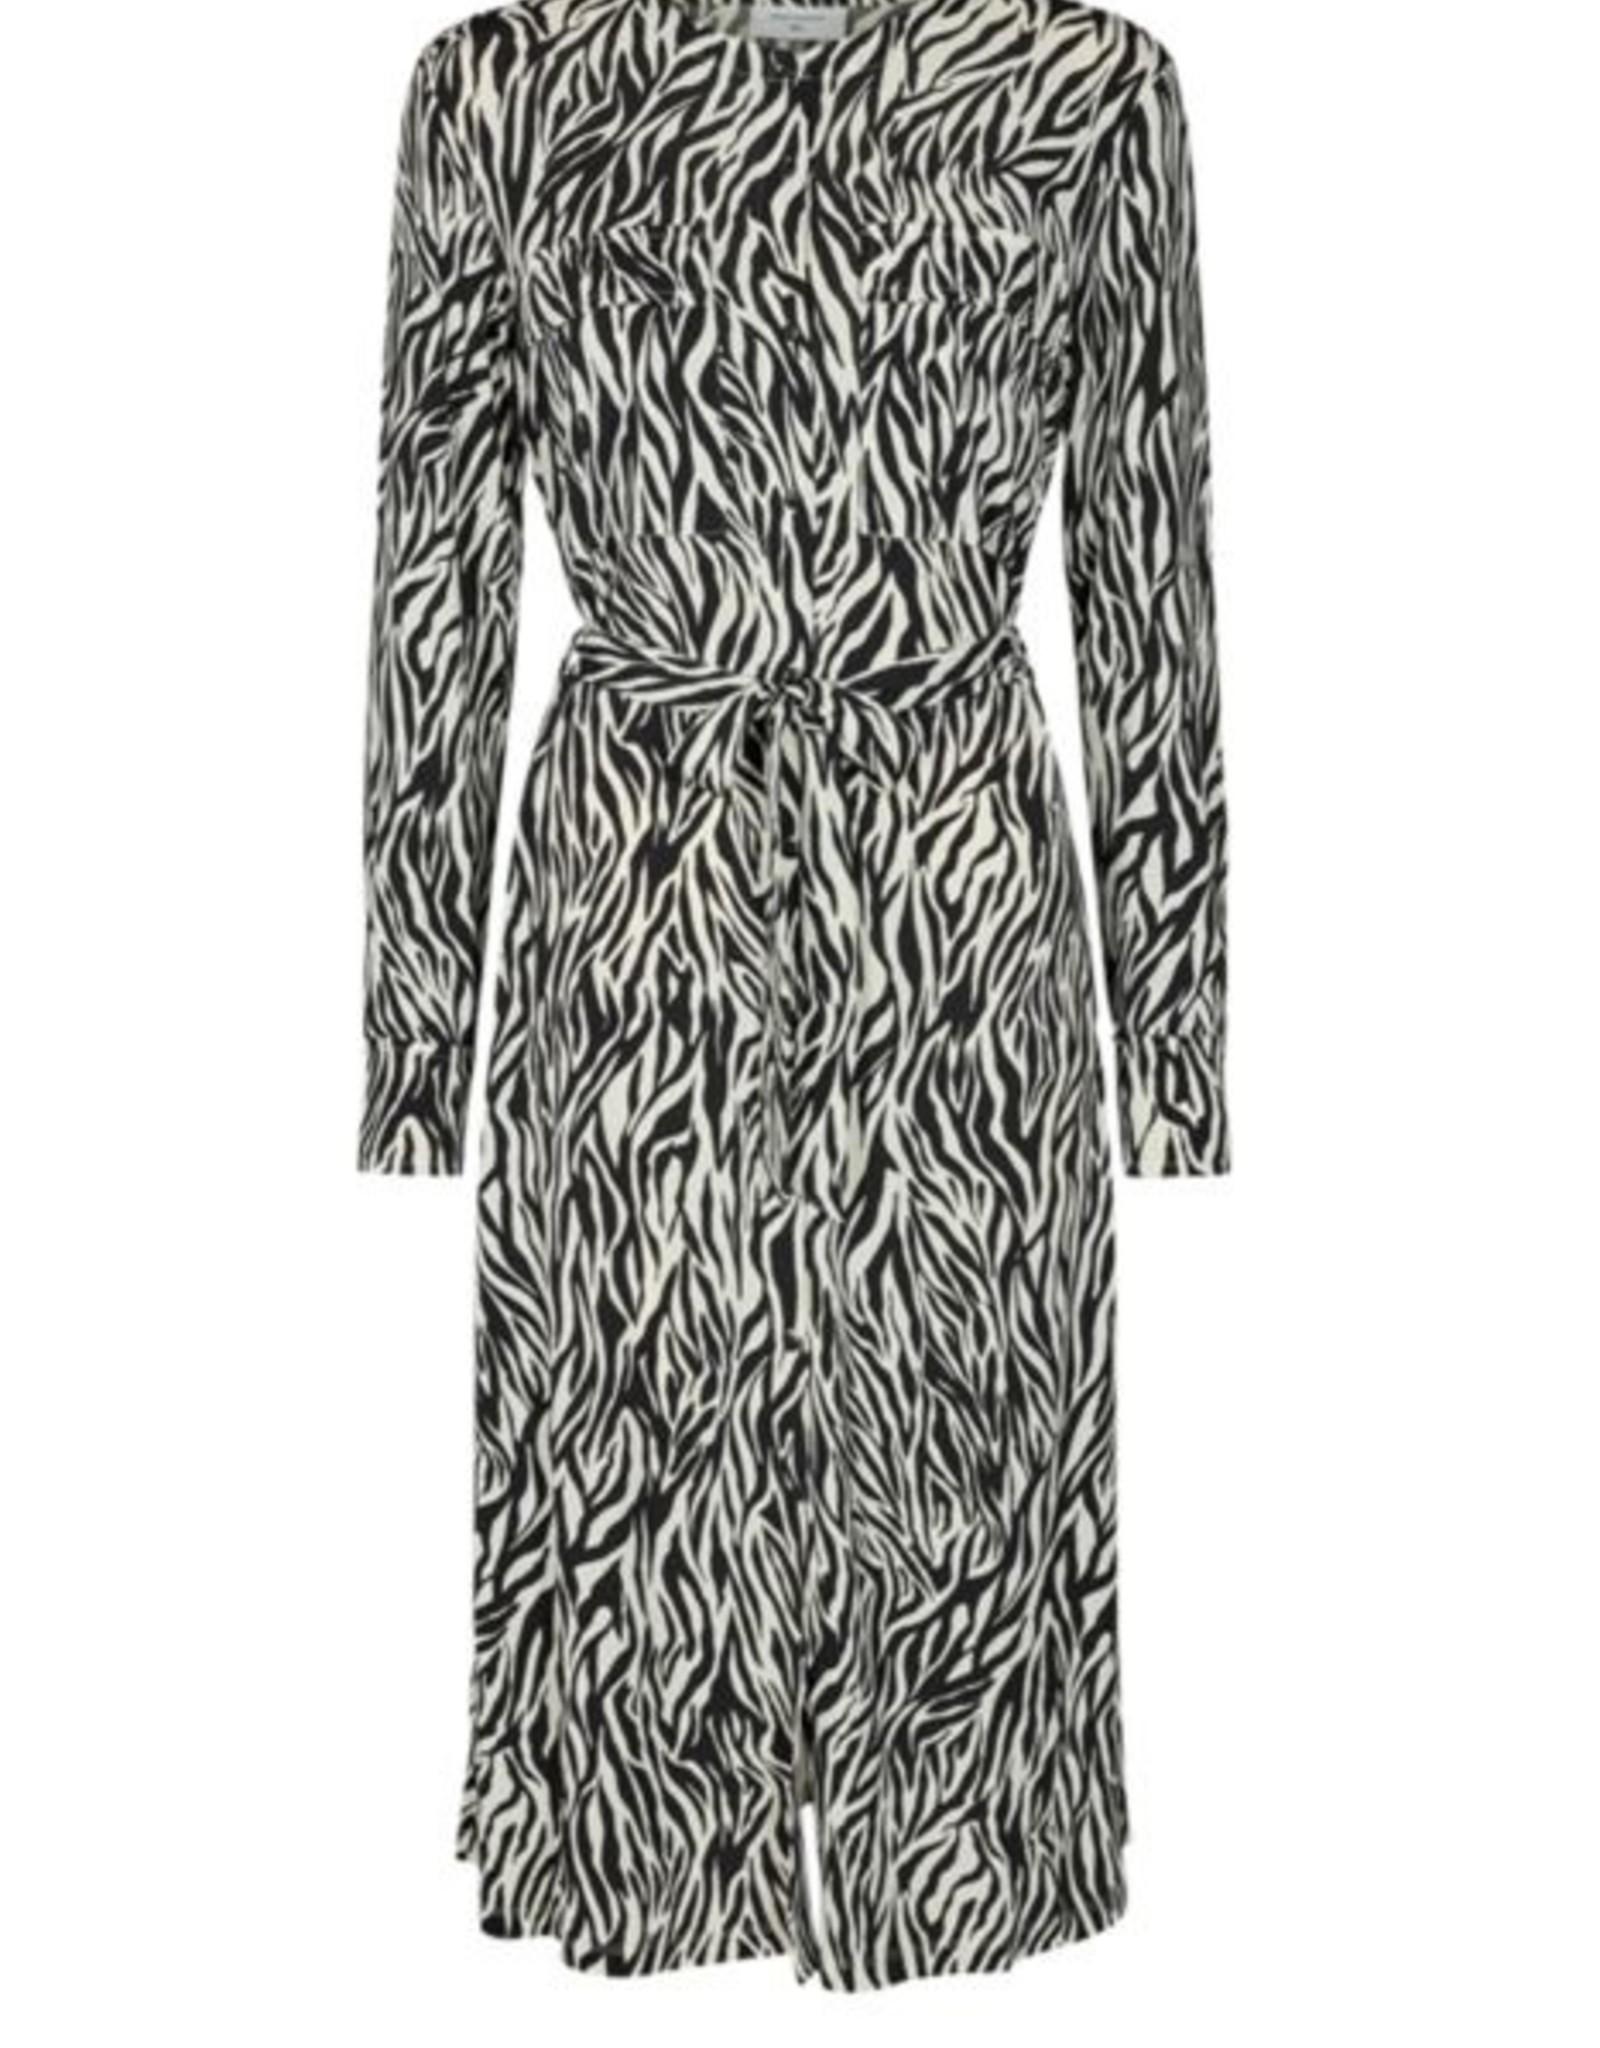 Free/quent Toffe midi dress - zebra print